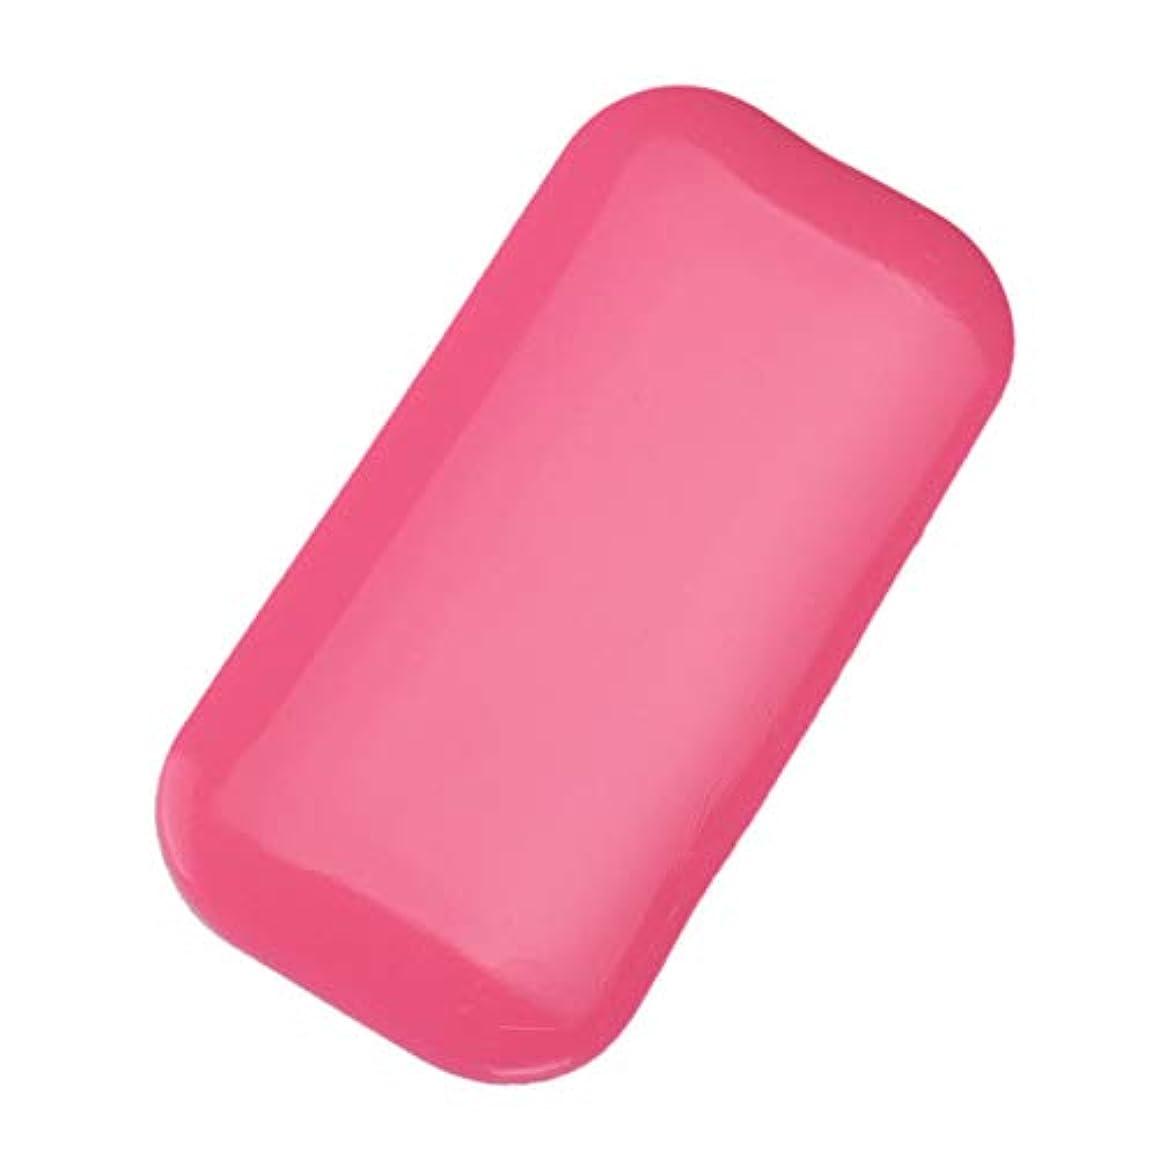 物理給料耐えられない化粧品のシリコーンの再使用可能なまつげのパッドパレット立場??は緩い延長をします